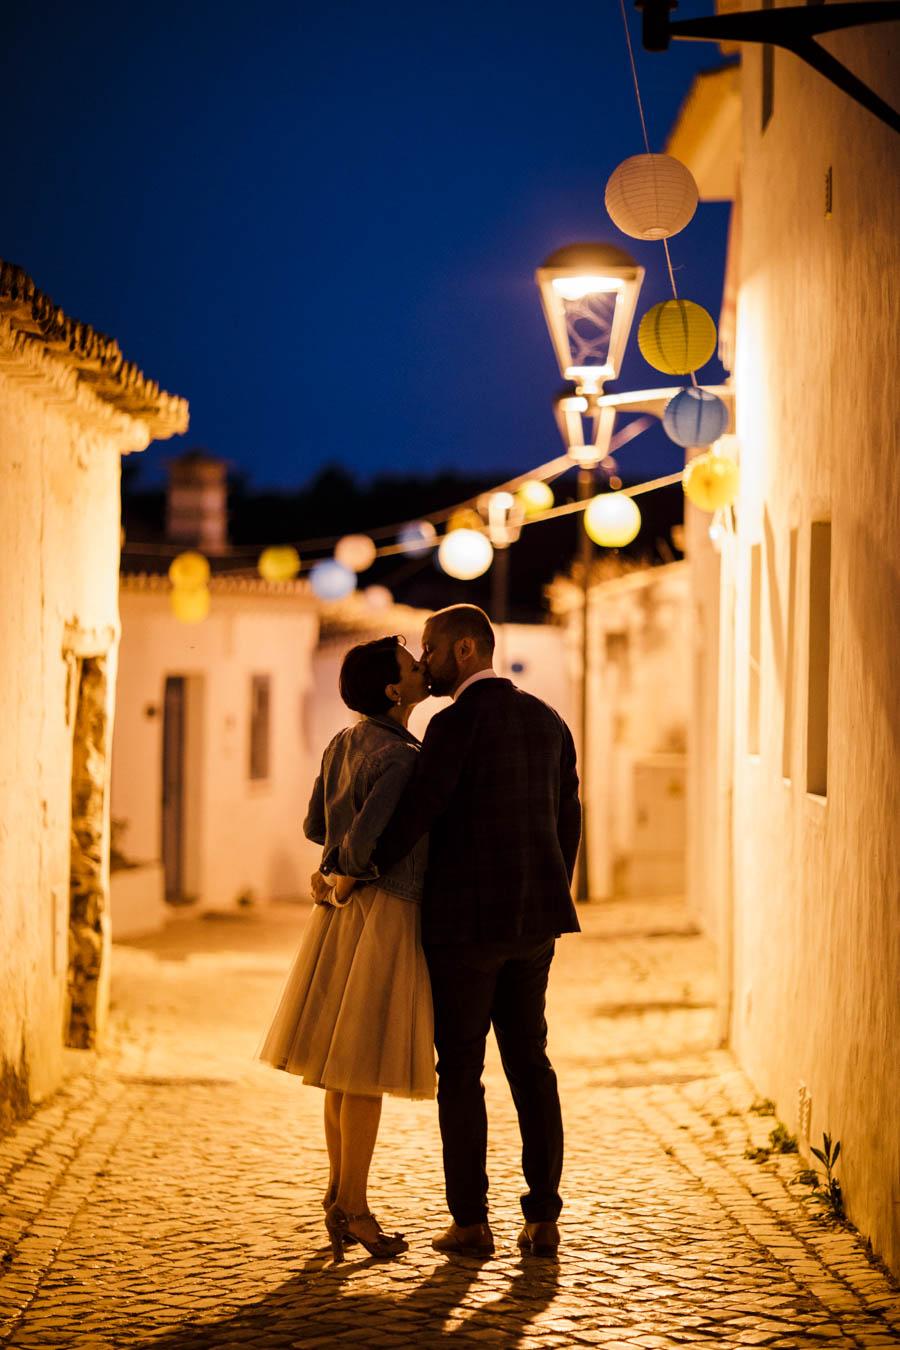 casamento aldeia de pedralva beijo dos noivos na rua deserta ao entardecer